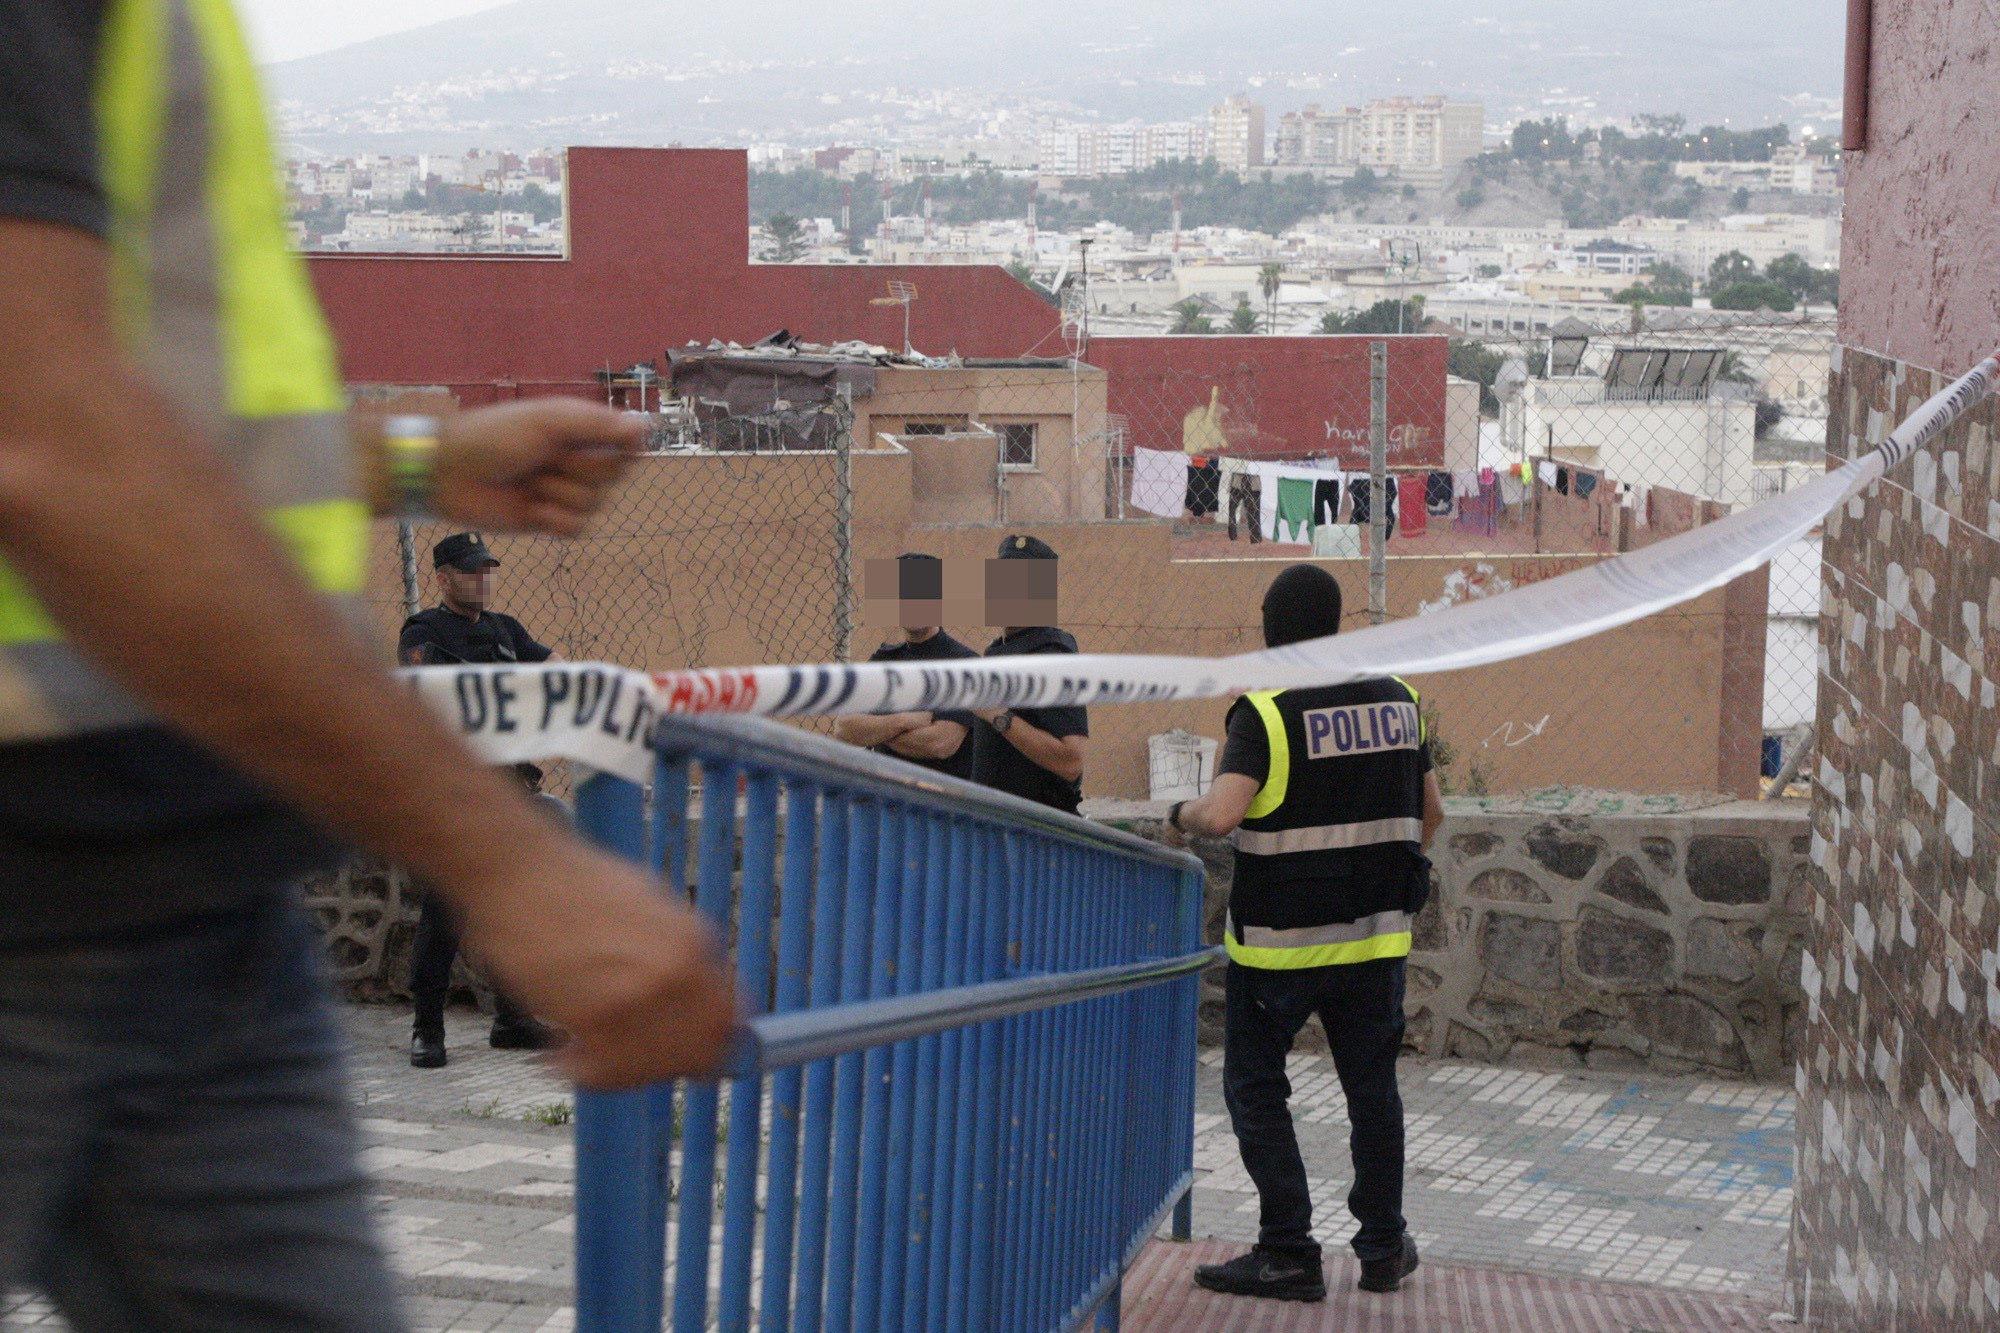 Desmantellen una cèl·lula jihadista al Marroc i Melilla. Detingudes sis persones. / F.G.GUERRERO